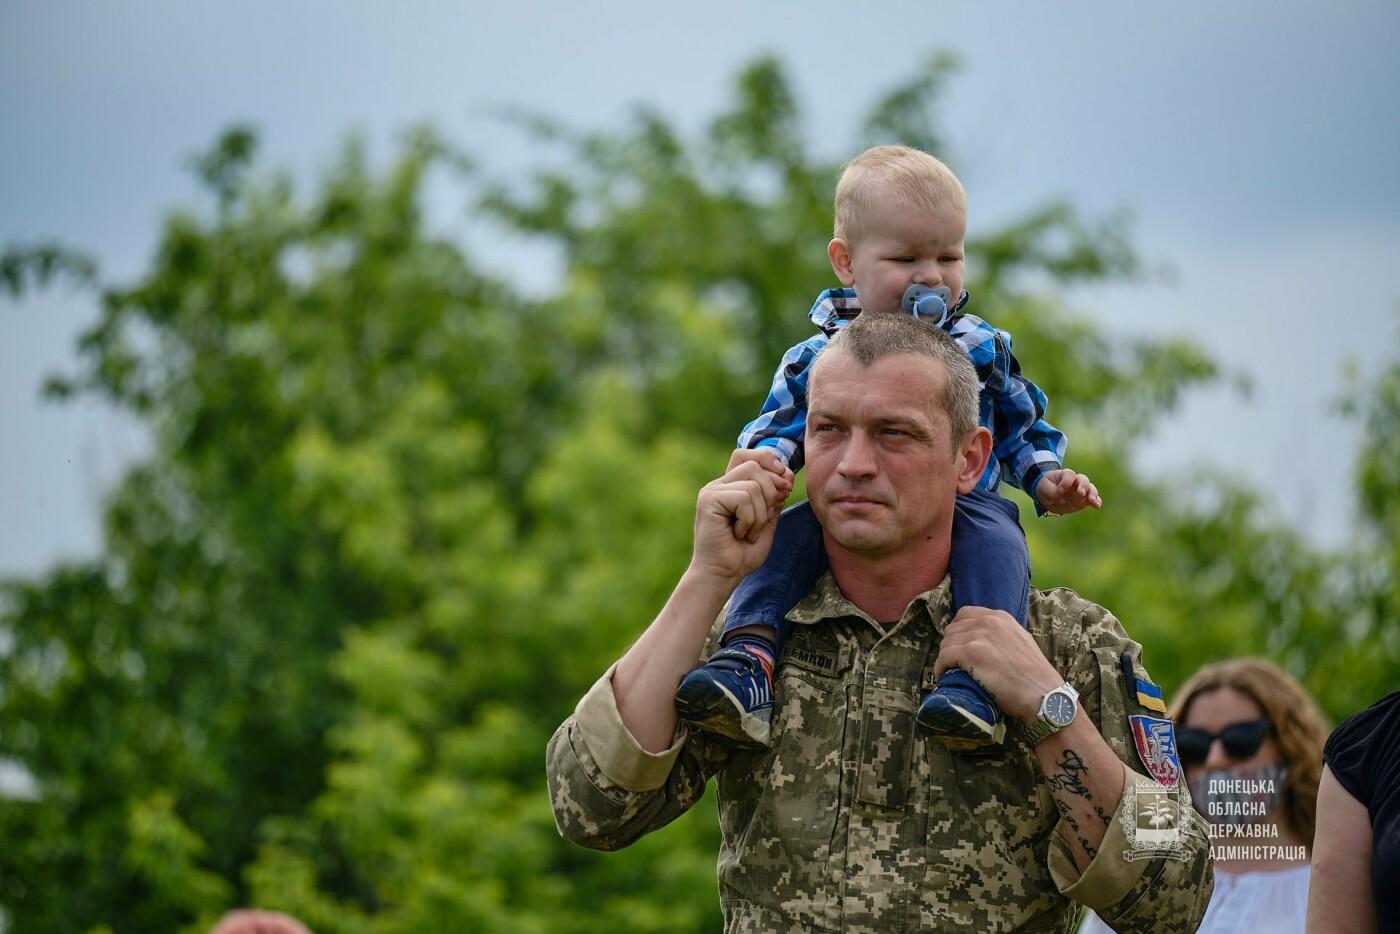 В Донецкой области почтили память 12 погибших украинских воинов во главе с генералом Кульчицким, - ФОТО, фото-4